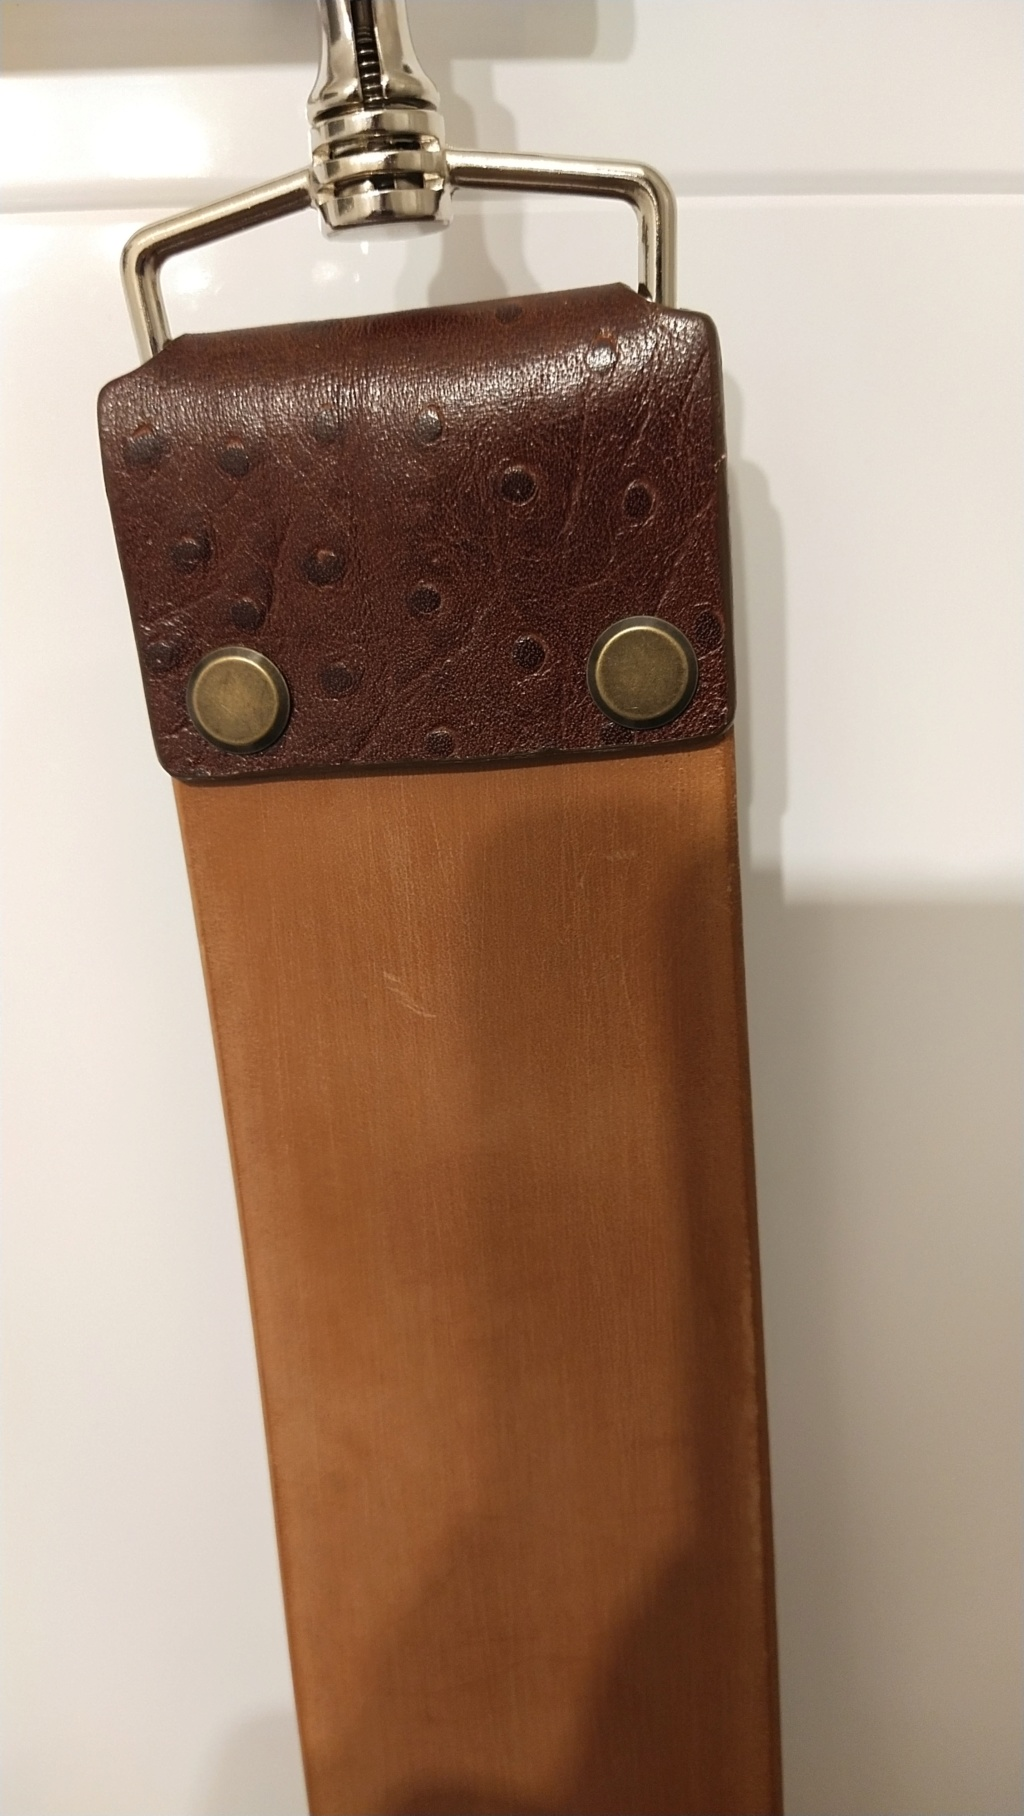 strop en cuir de cheval végétal - Page 3 Img_2214